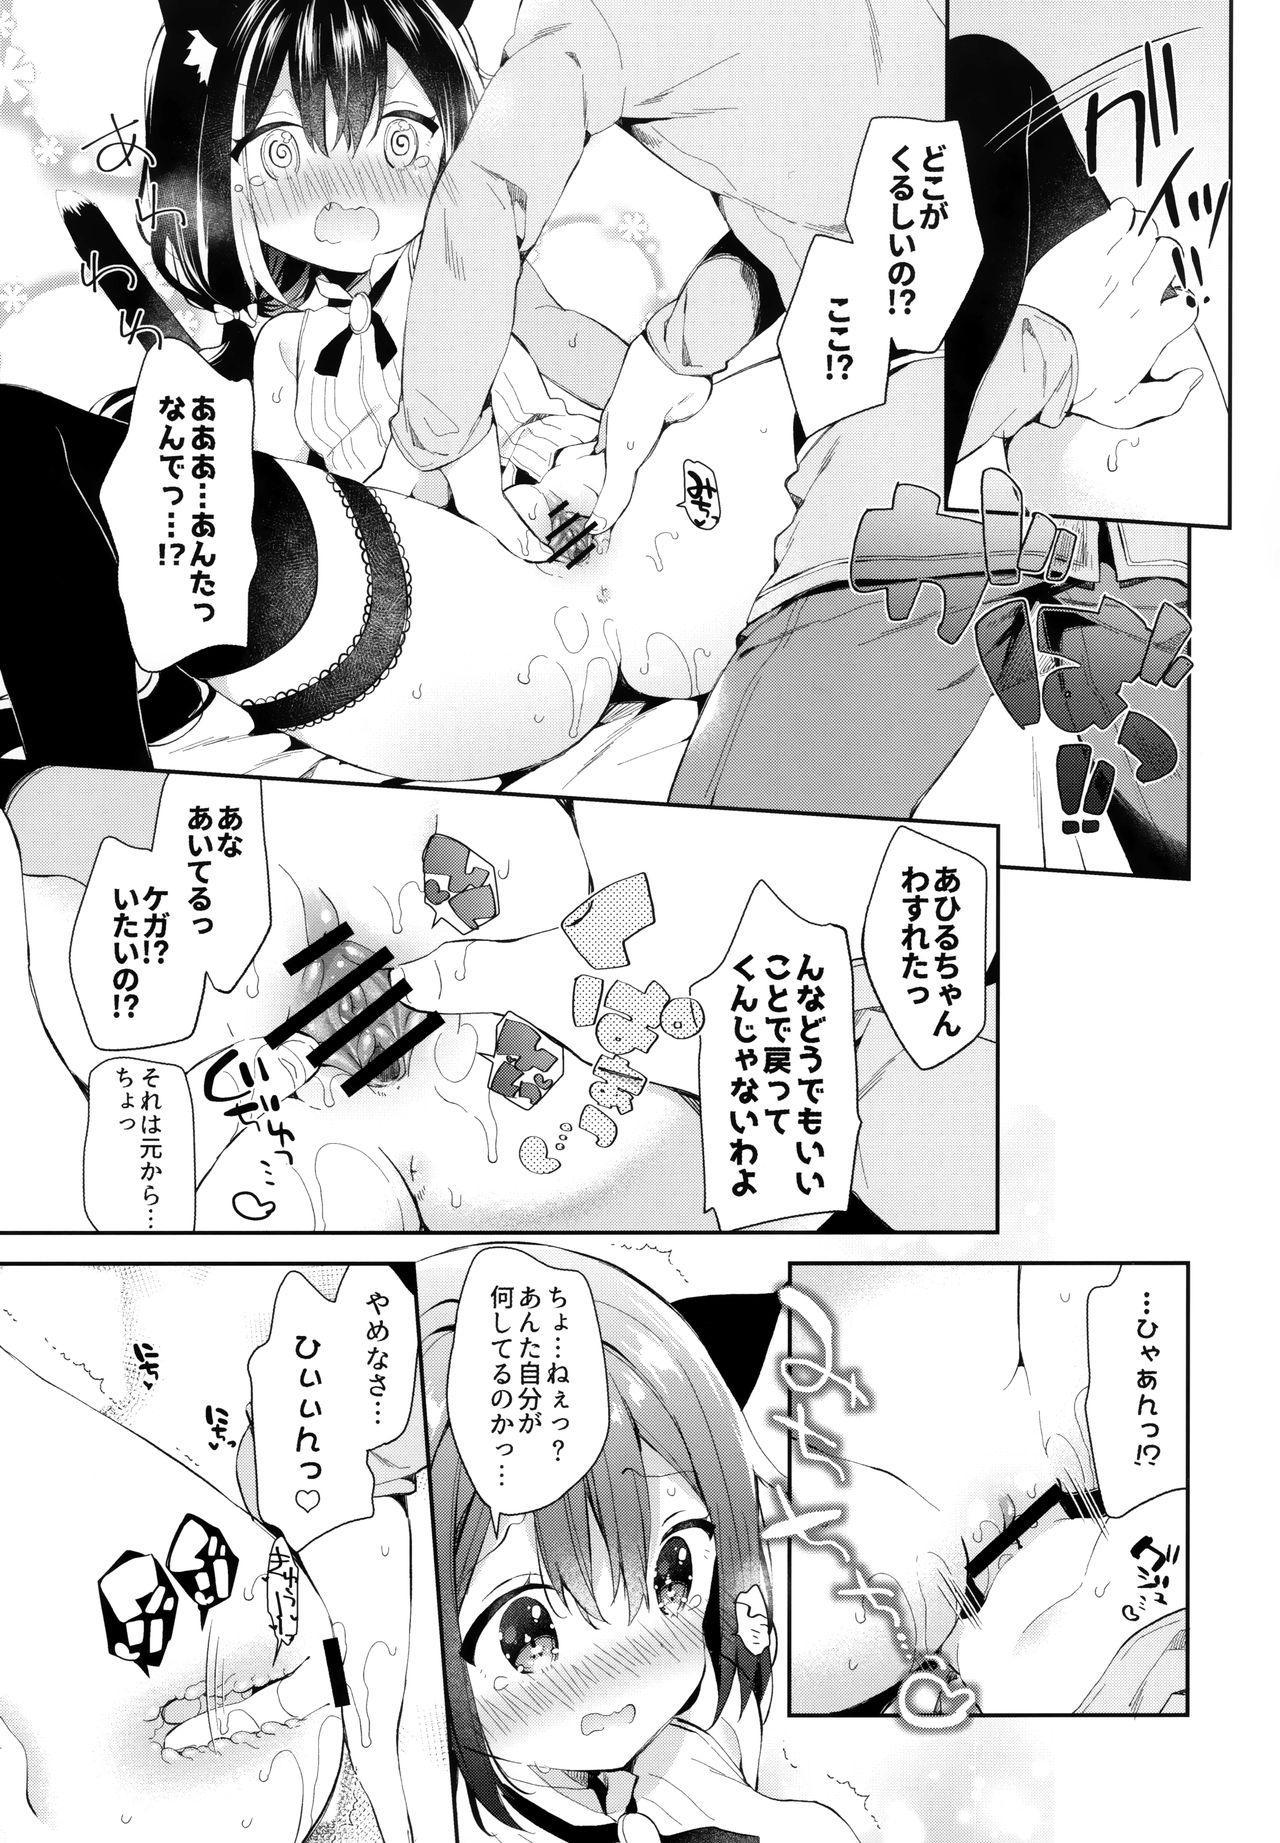 Kyaru-chan to Densetsu no Maken! 7